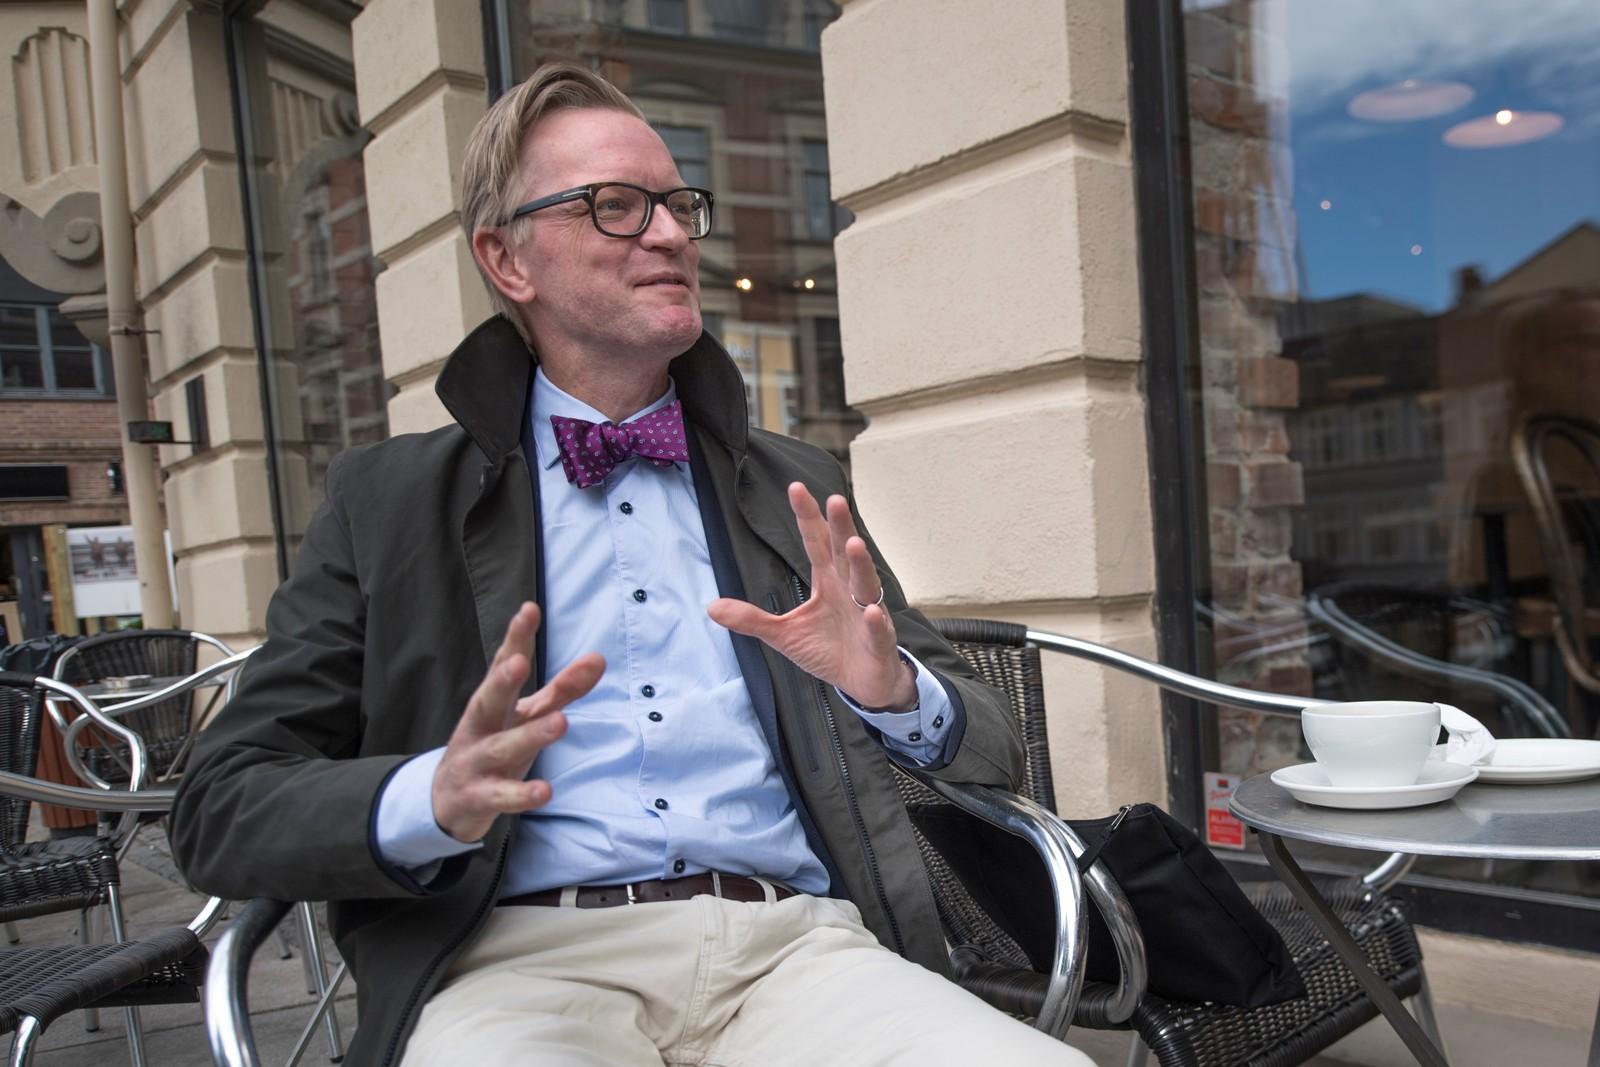 - Kanelbullen, det er jo Sveriges vaffel! Thomas Tybell er professor ved NTNU, og skal forelese for Fredrikstad Pensjonistakademi senere i dag. Men først litt kaffe, kos og kanelbolle!